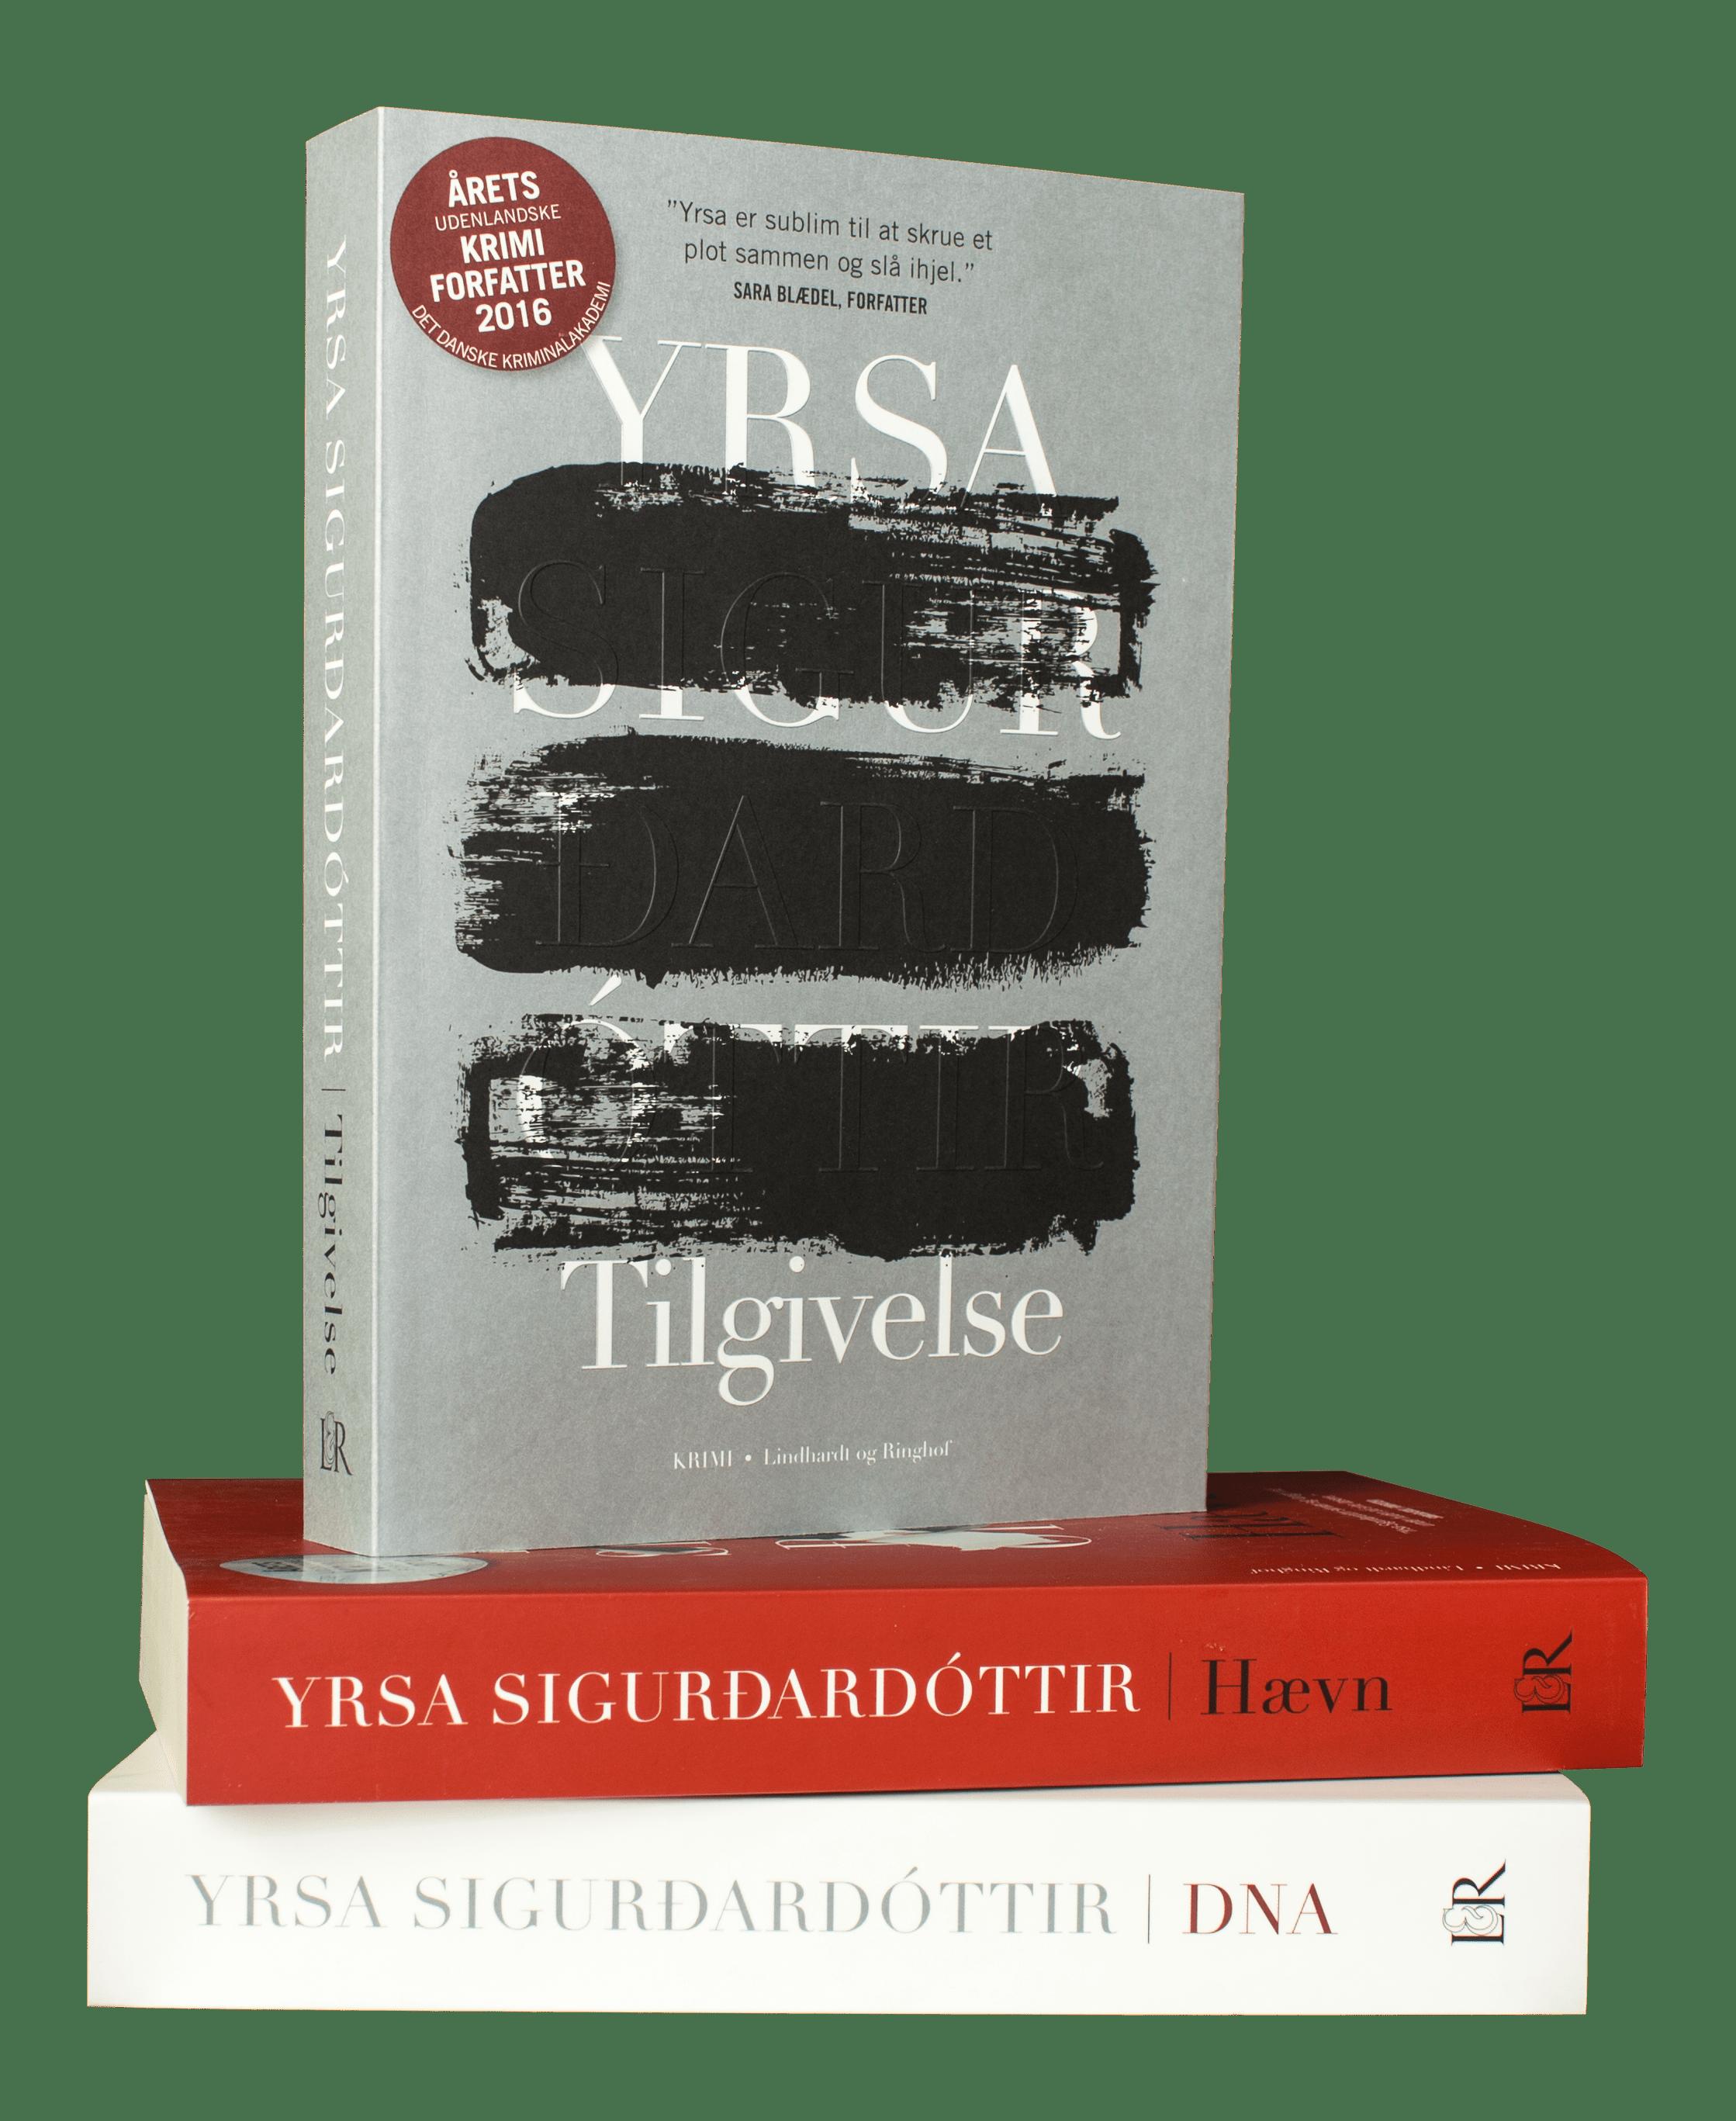 Yrsa Sigurdardottir, Tilgivelse, Freya og Huldar, krimi